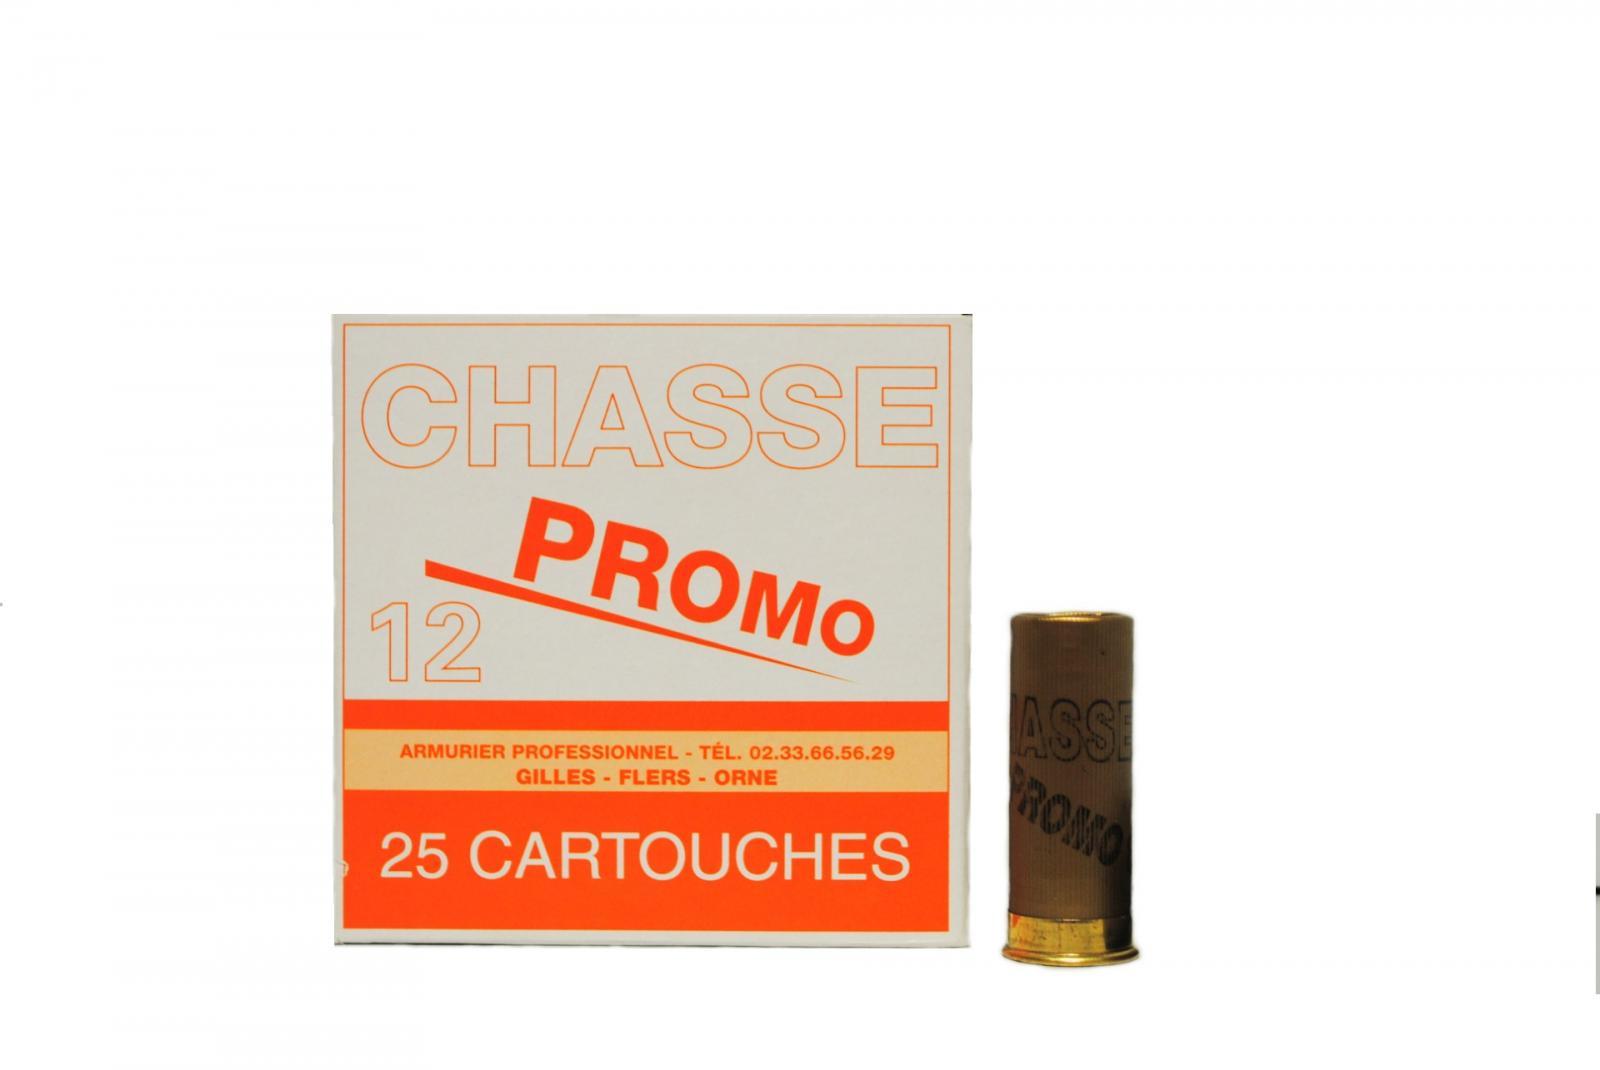 """Boite de 25 cartouches 12 / 67  """"chasse promo"""" 32 grs R1"""